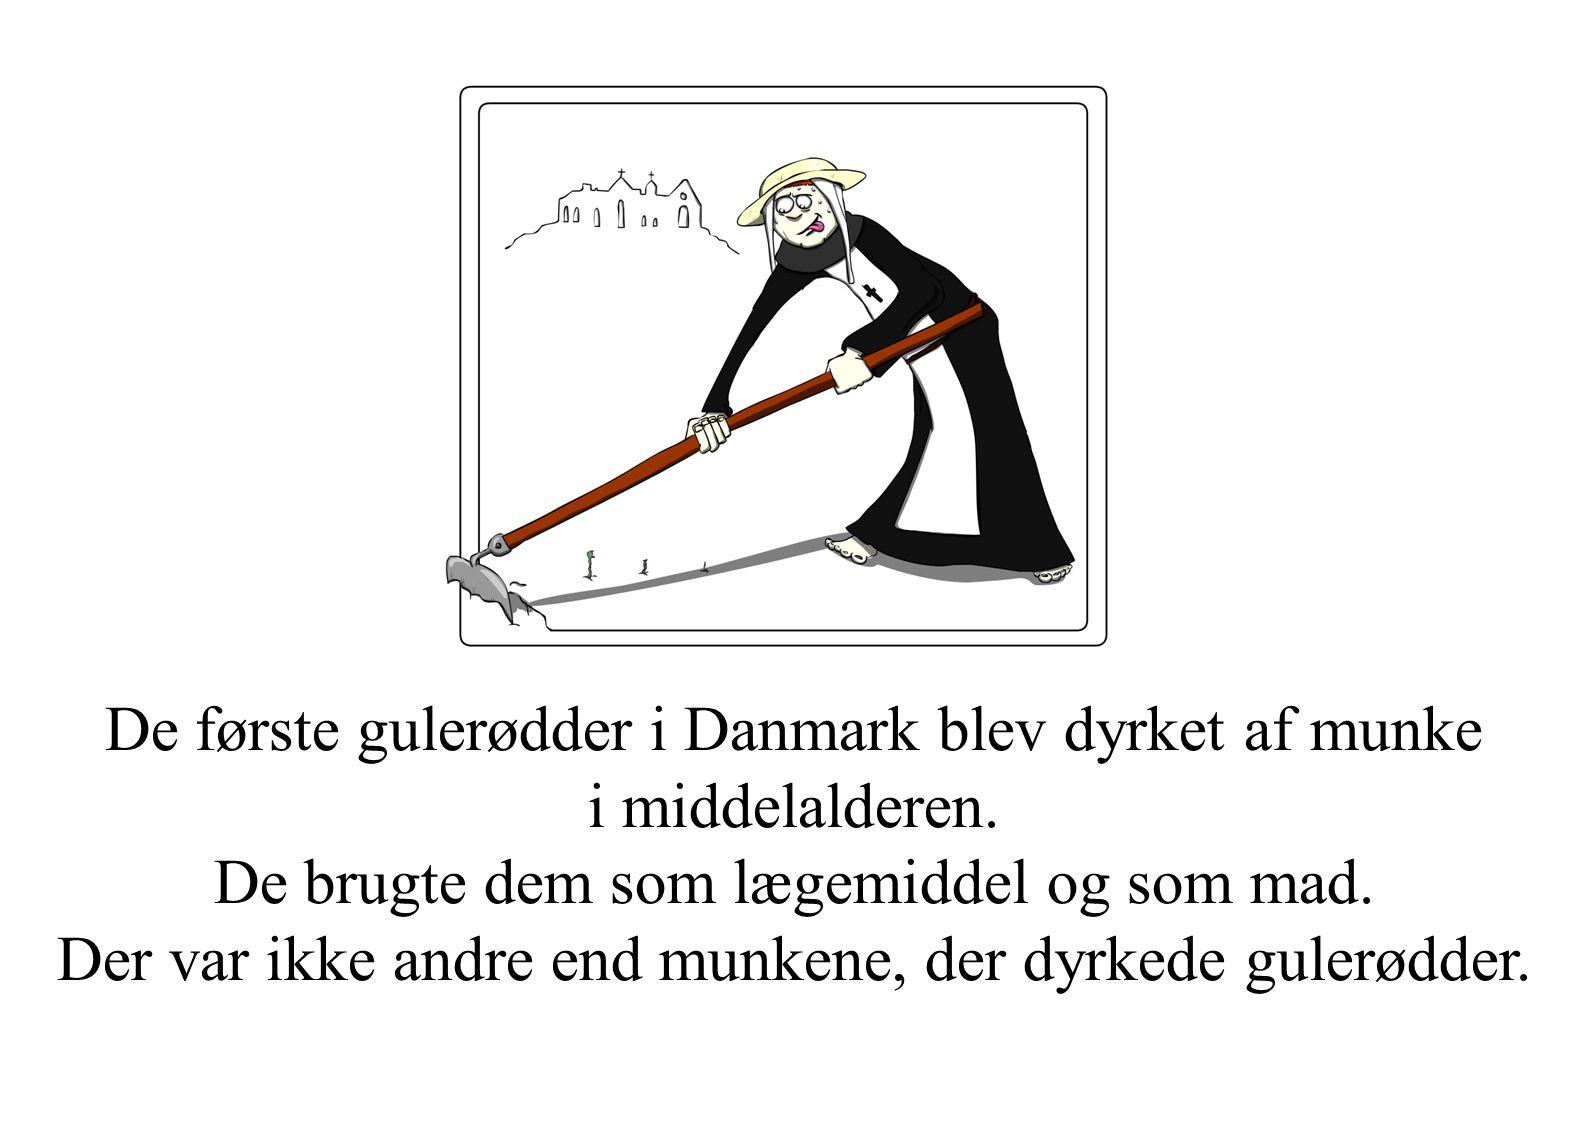 De første gulerødder i Danmark blev dyrket af munke i middelalderen